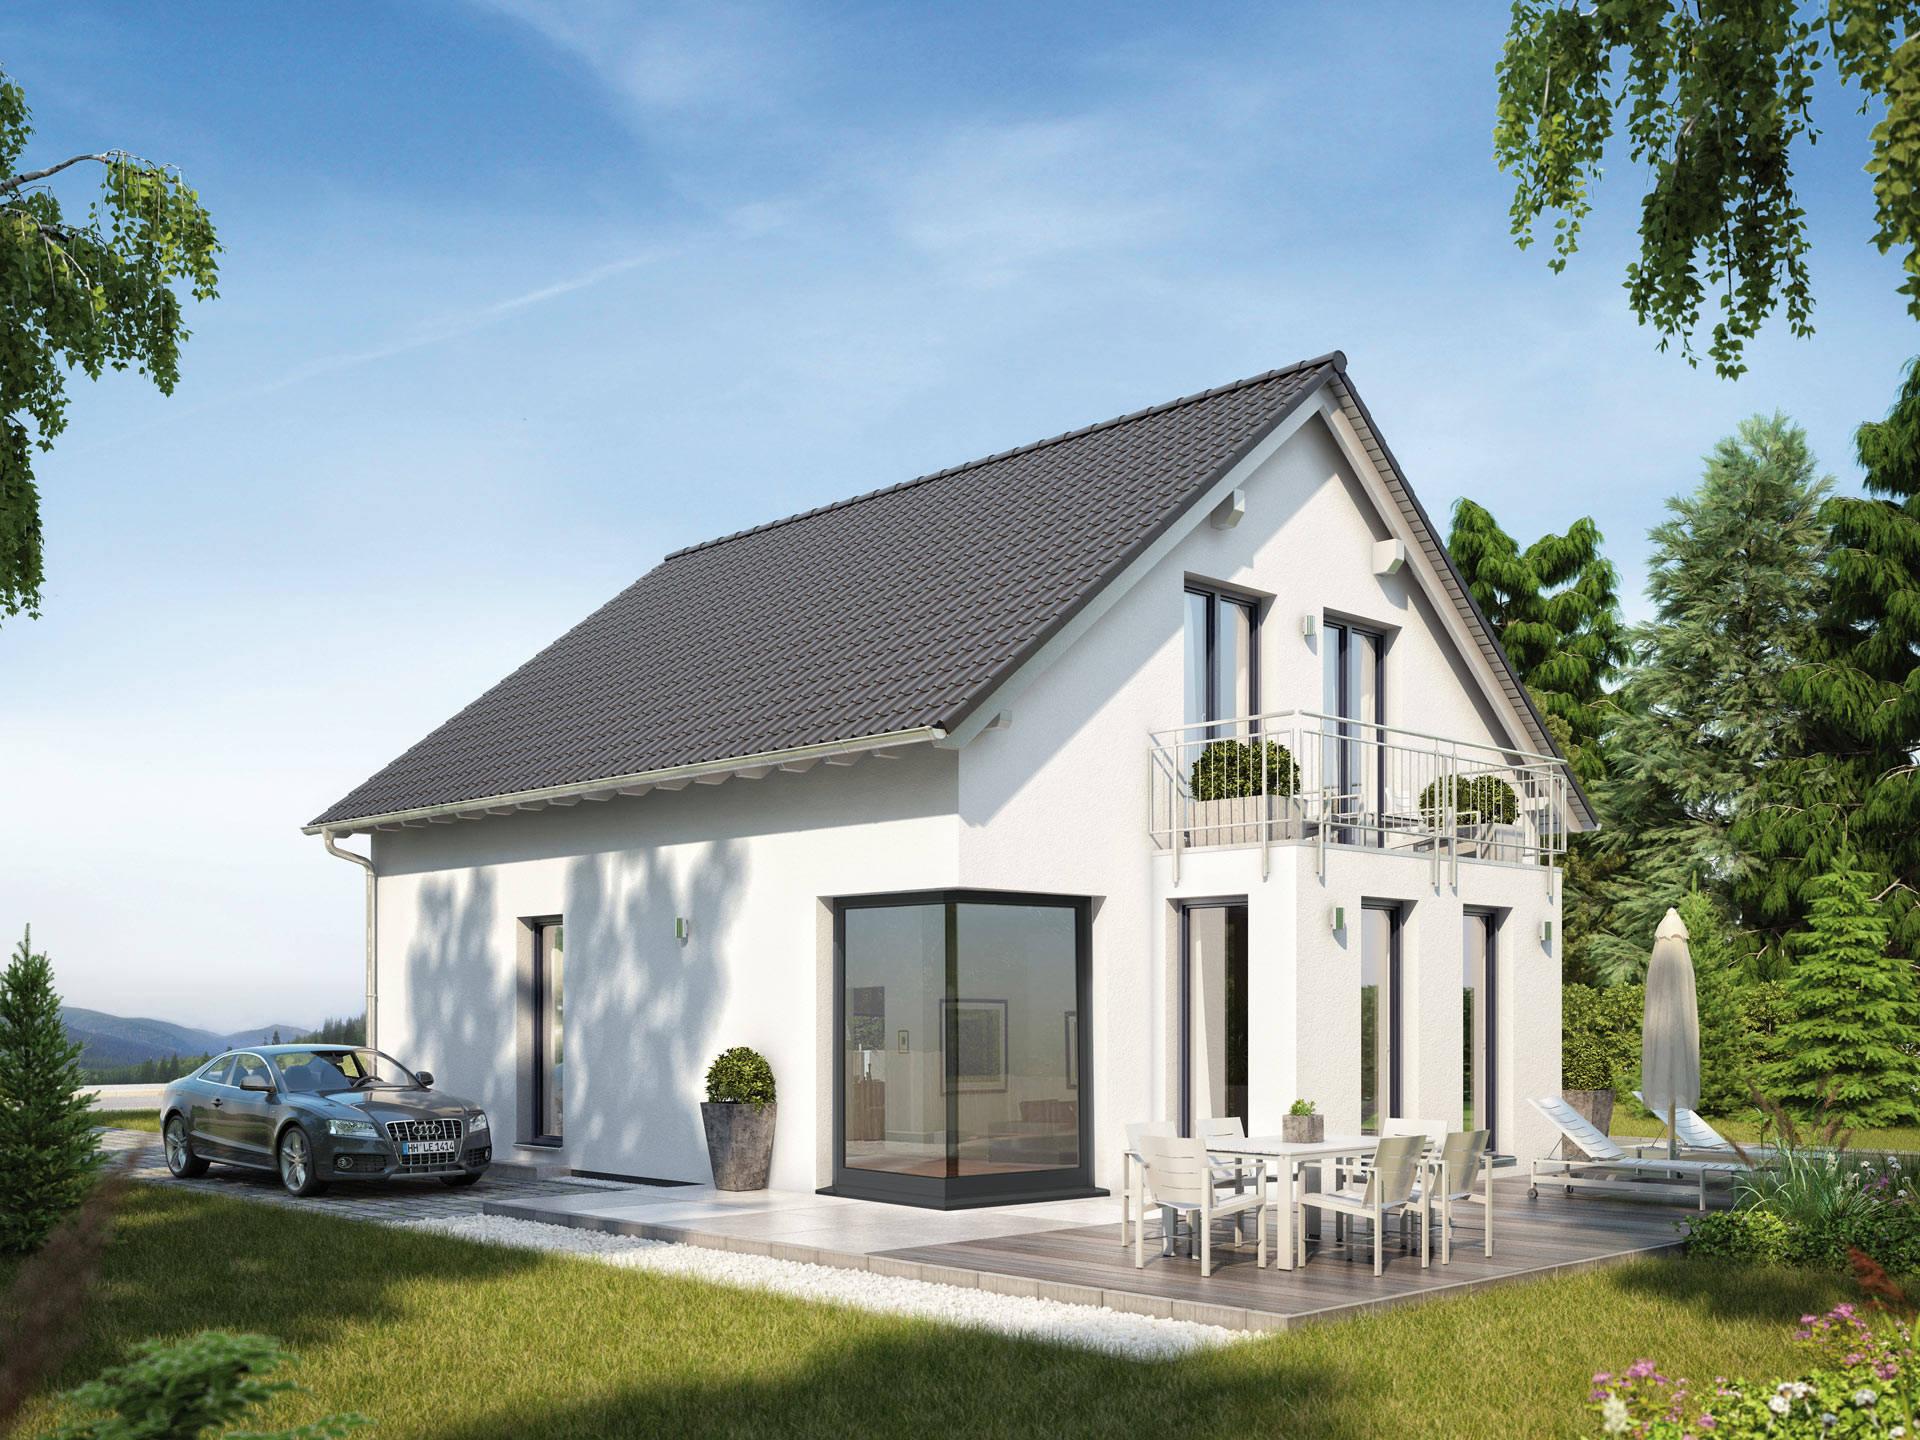 Einfamilienhaus Concept 4.5 von Ein SteinHaus